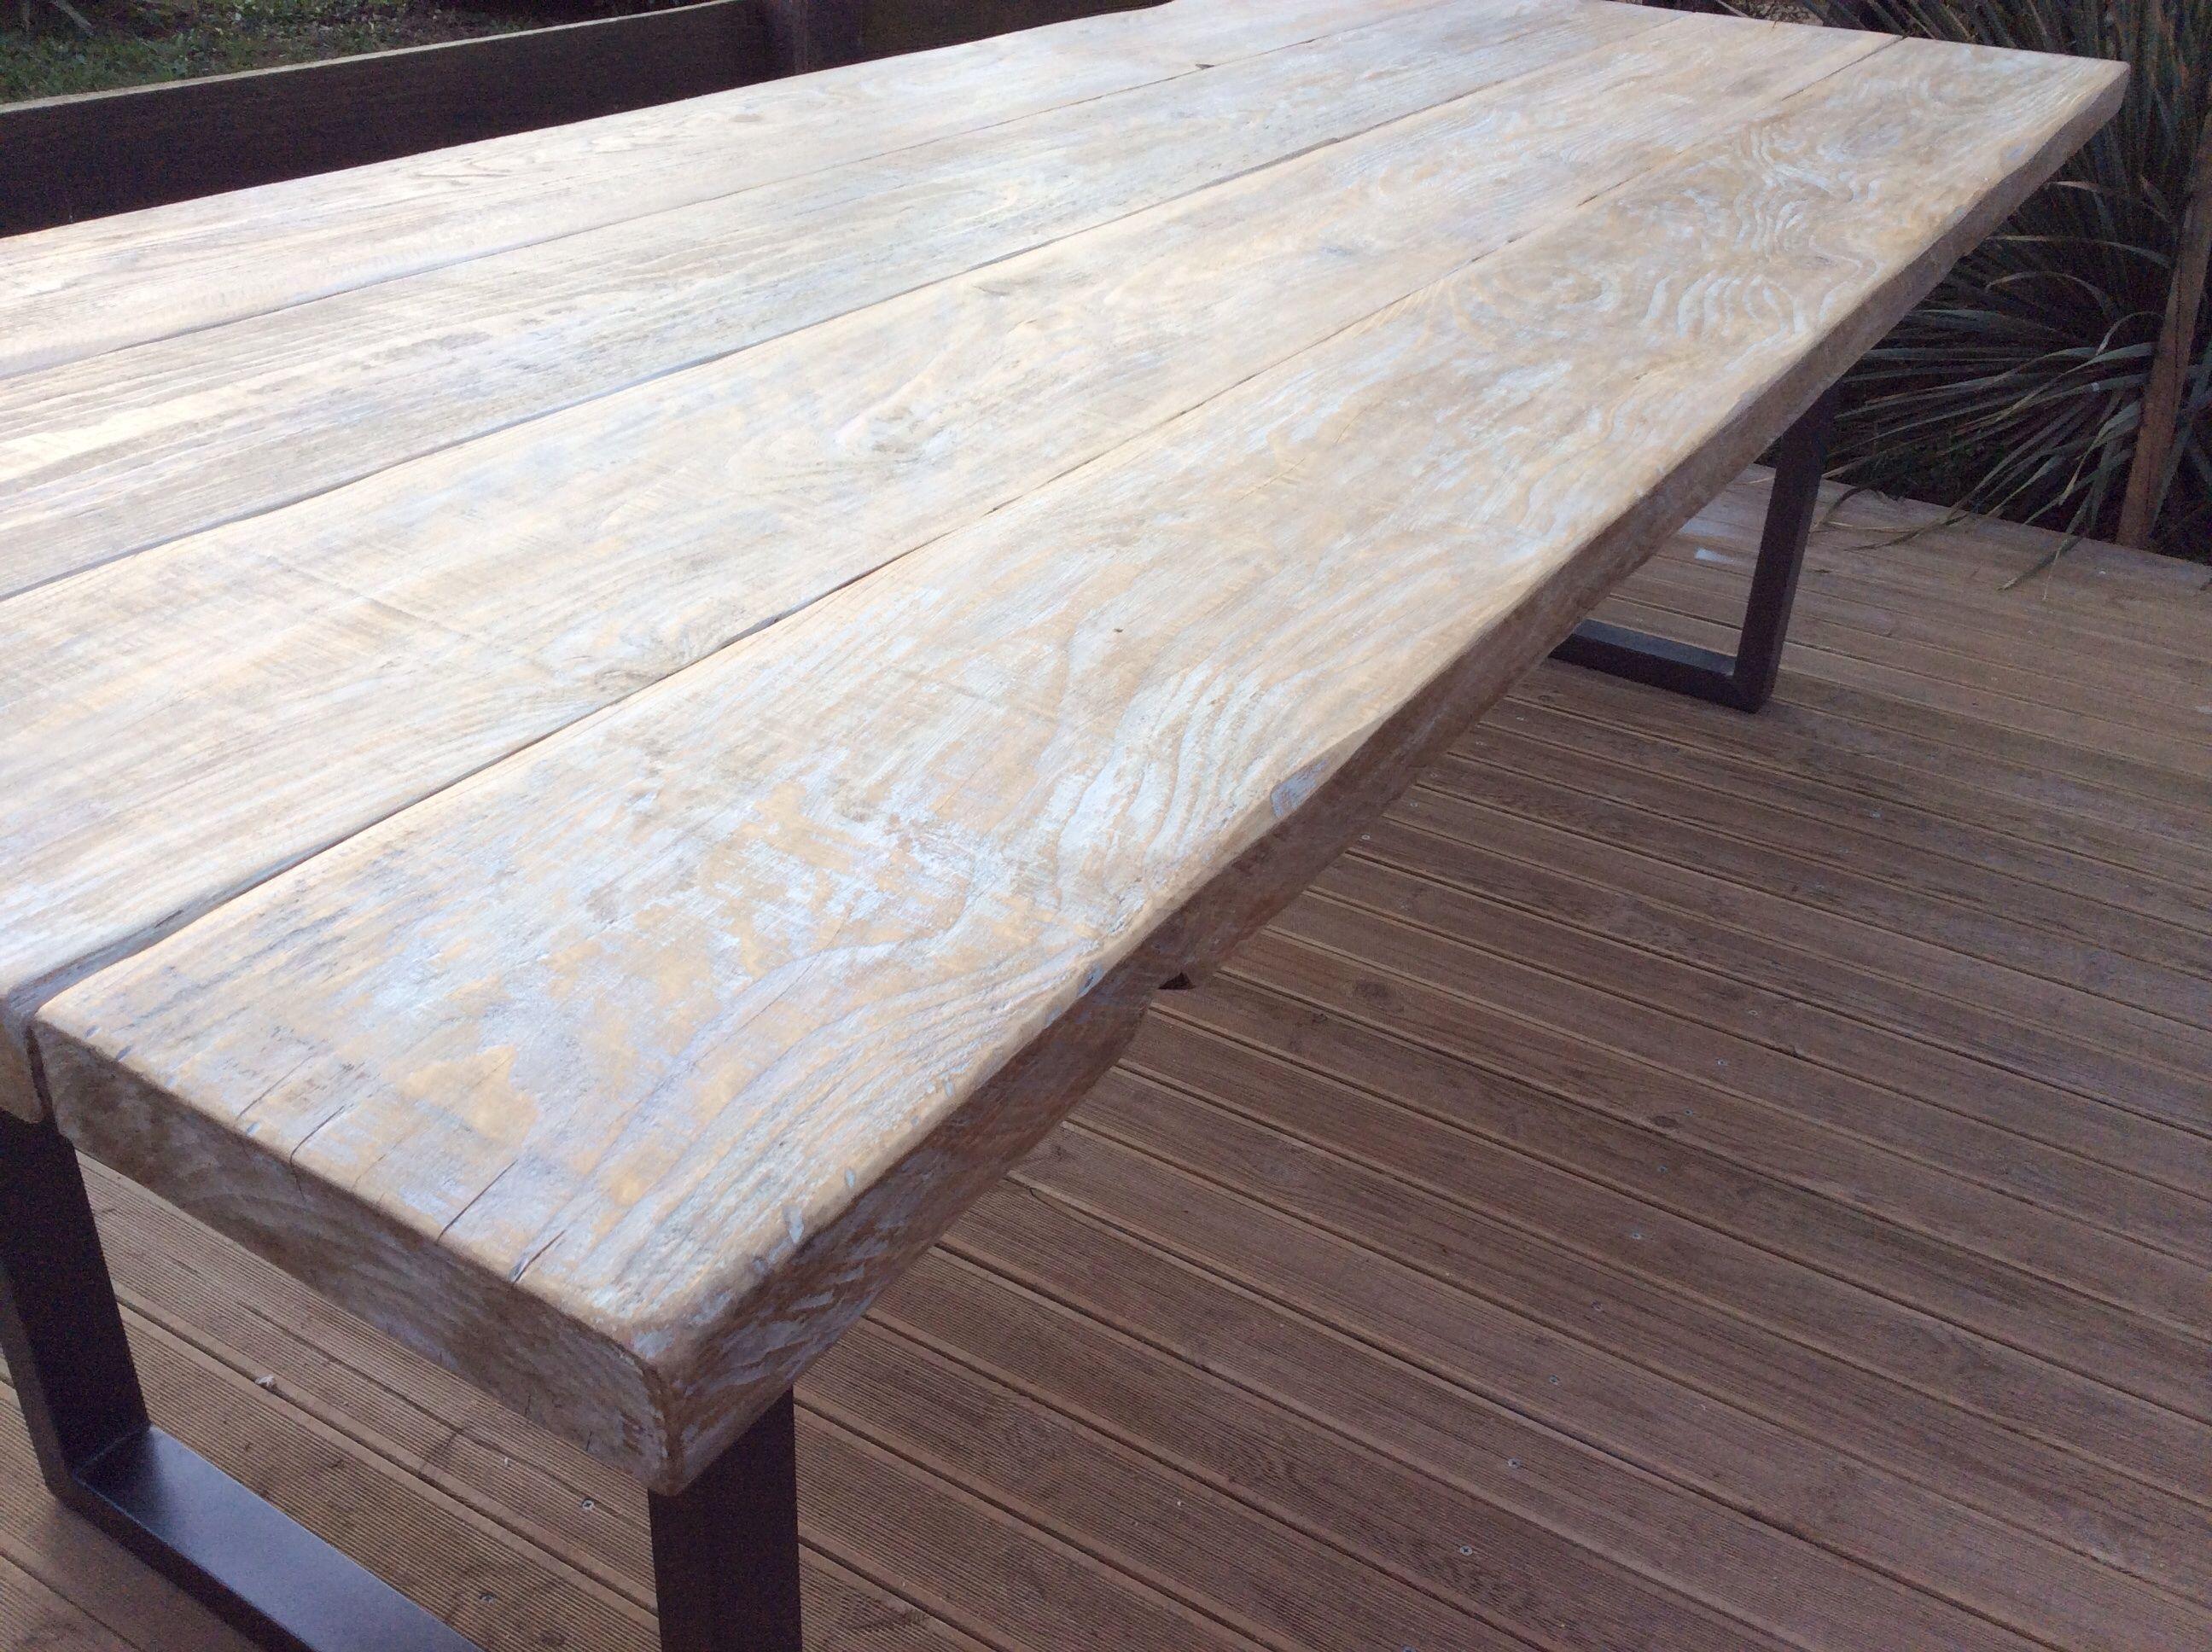 Commande sur mesure plateau bois c rus blanc l ger sur pieds acier en u section rectangle - Ceruser un meuble en pin ...